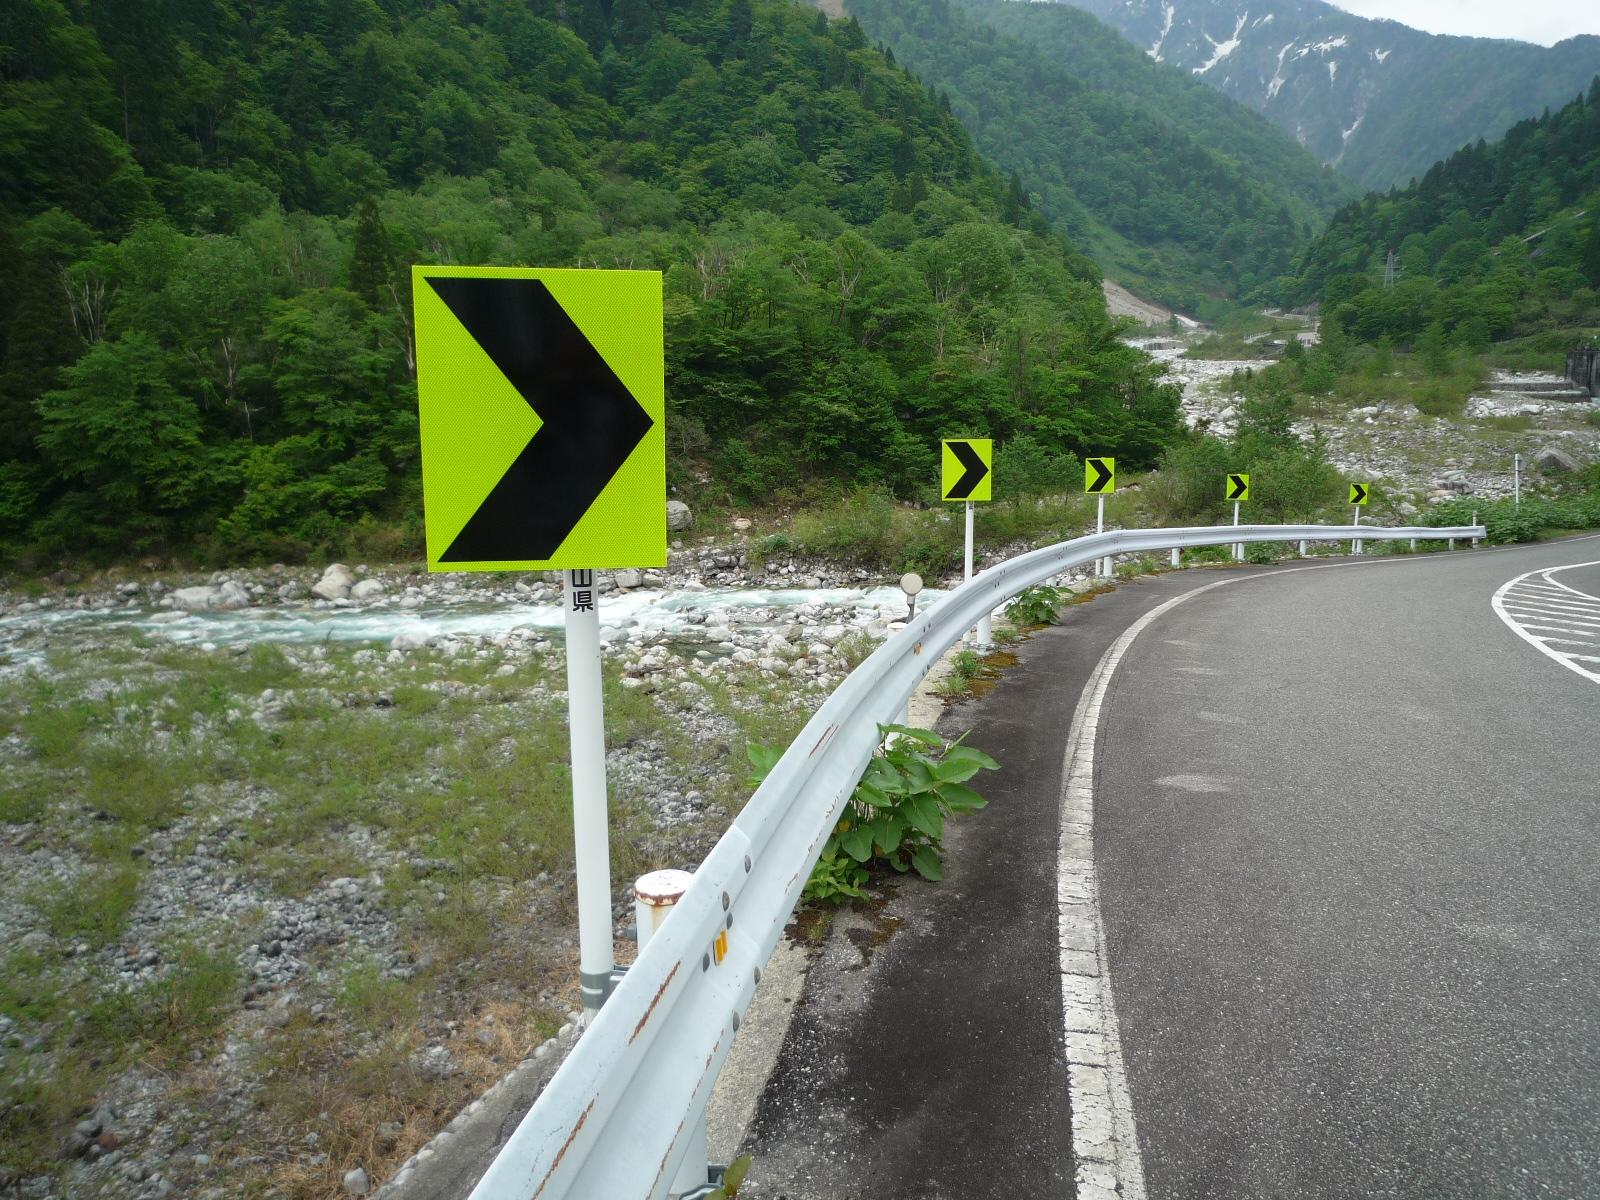 視線誘導標・線形誘導標(デリネーター) 施工事例09